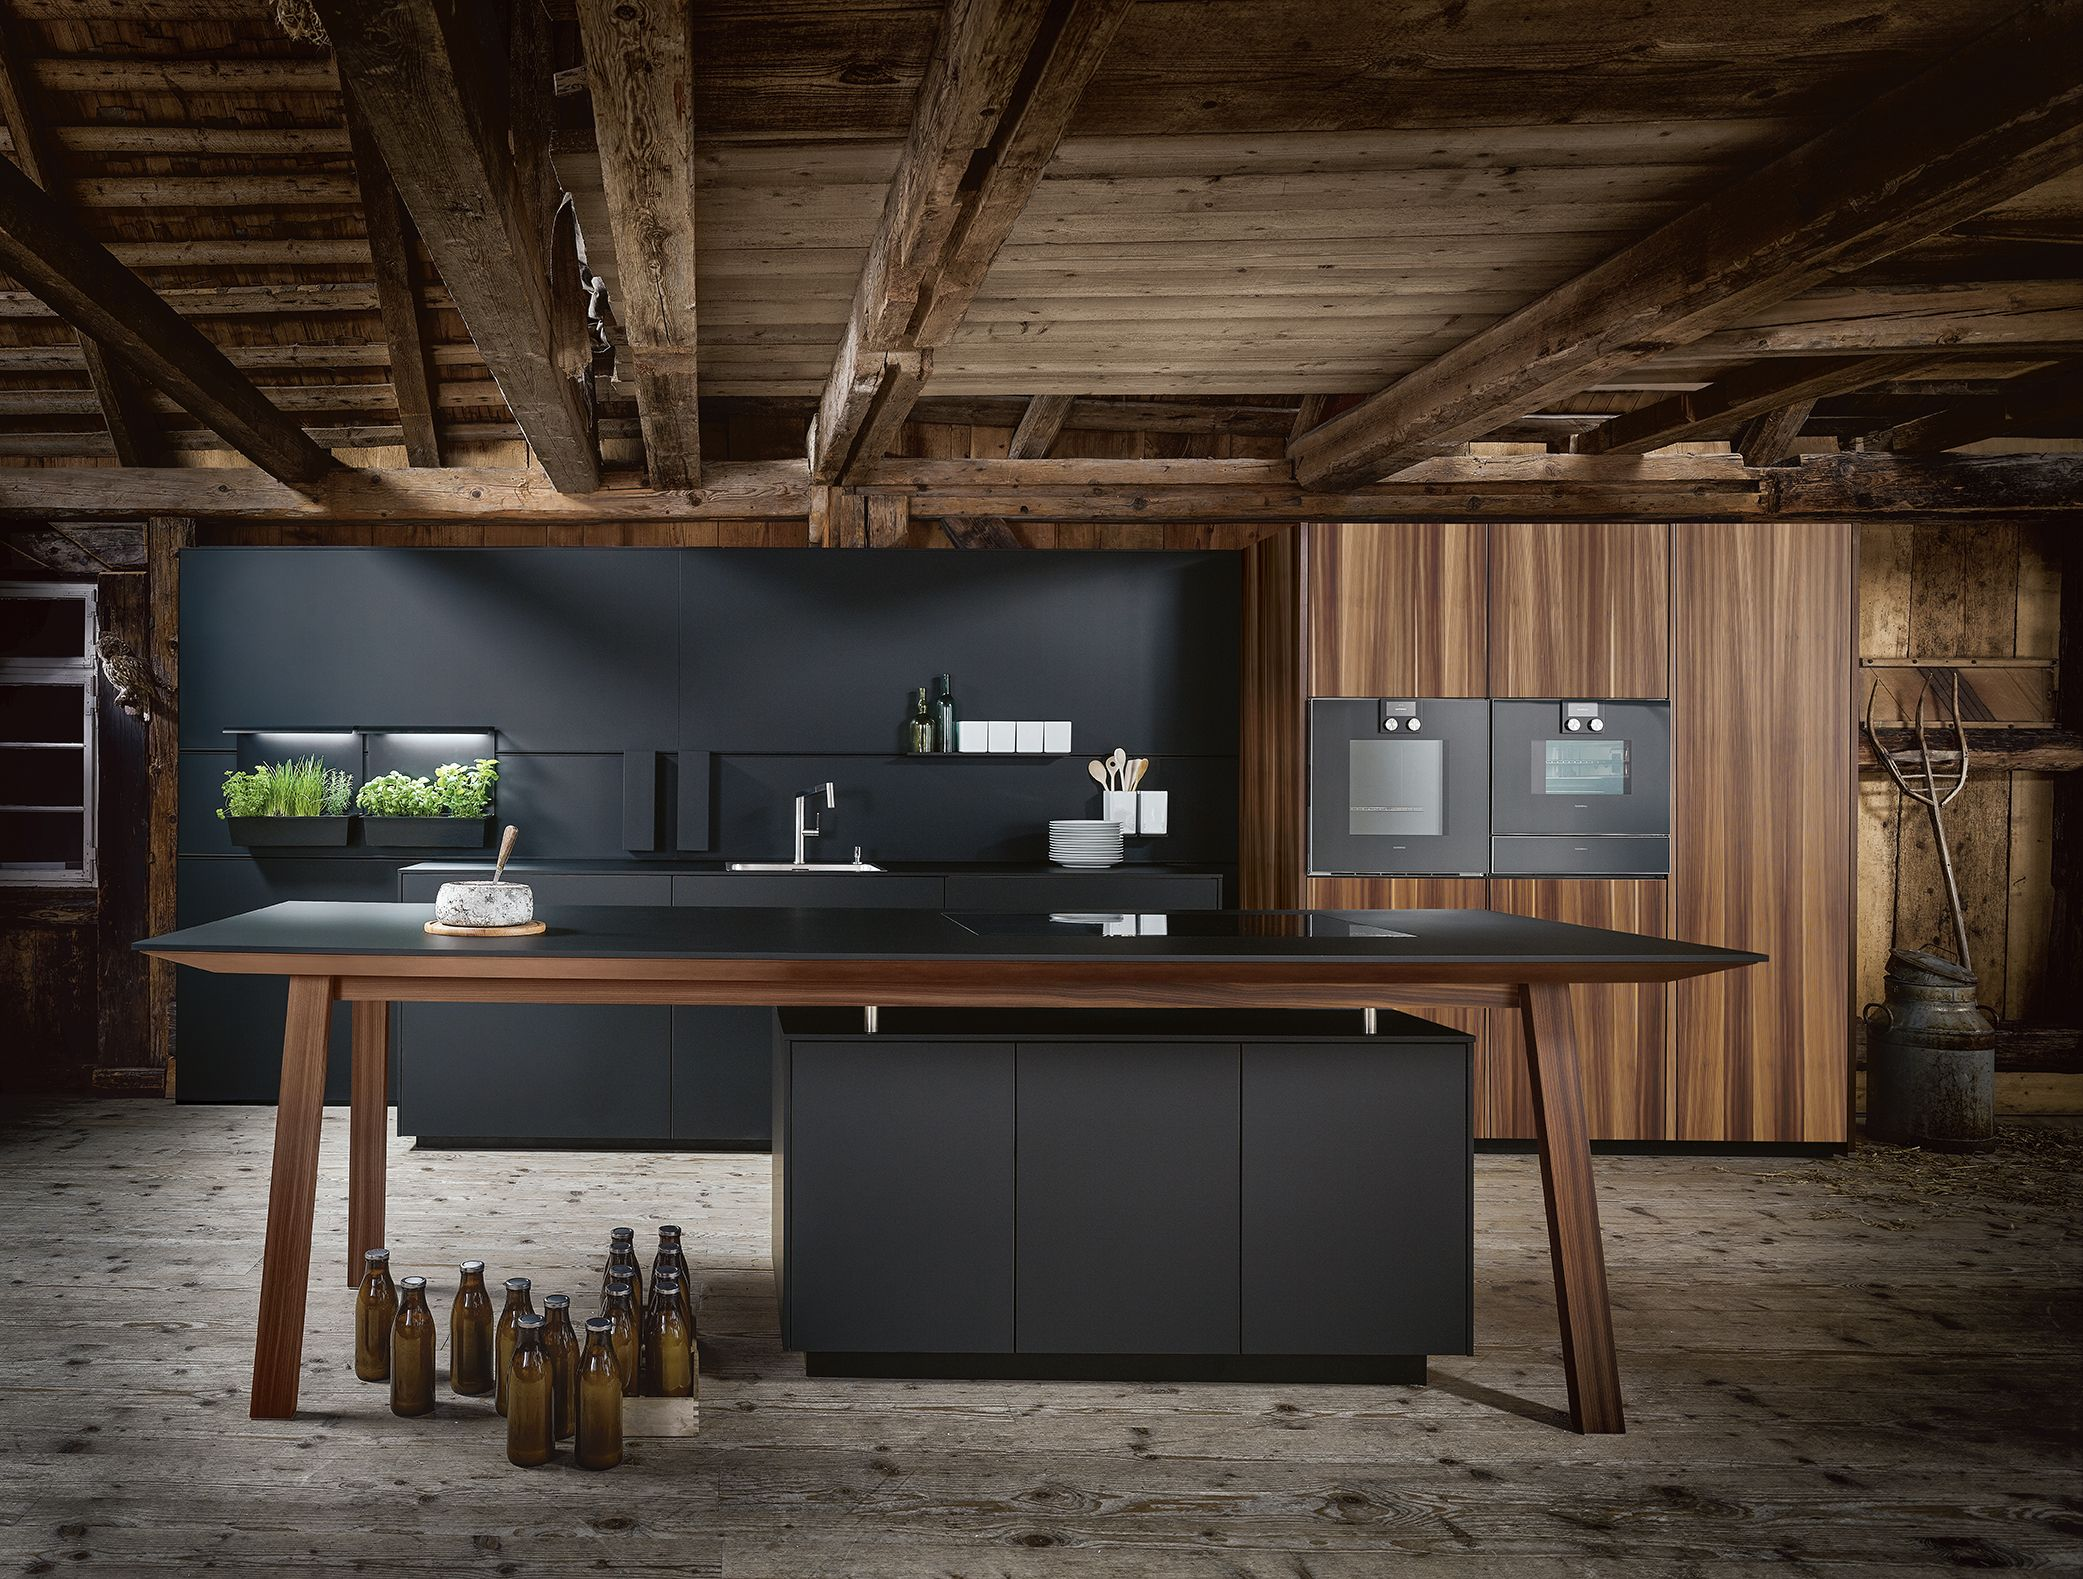 Modern-Woodgrain-Kitchen-Ideas. Next 16 German Kitchens